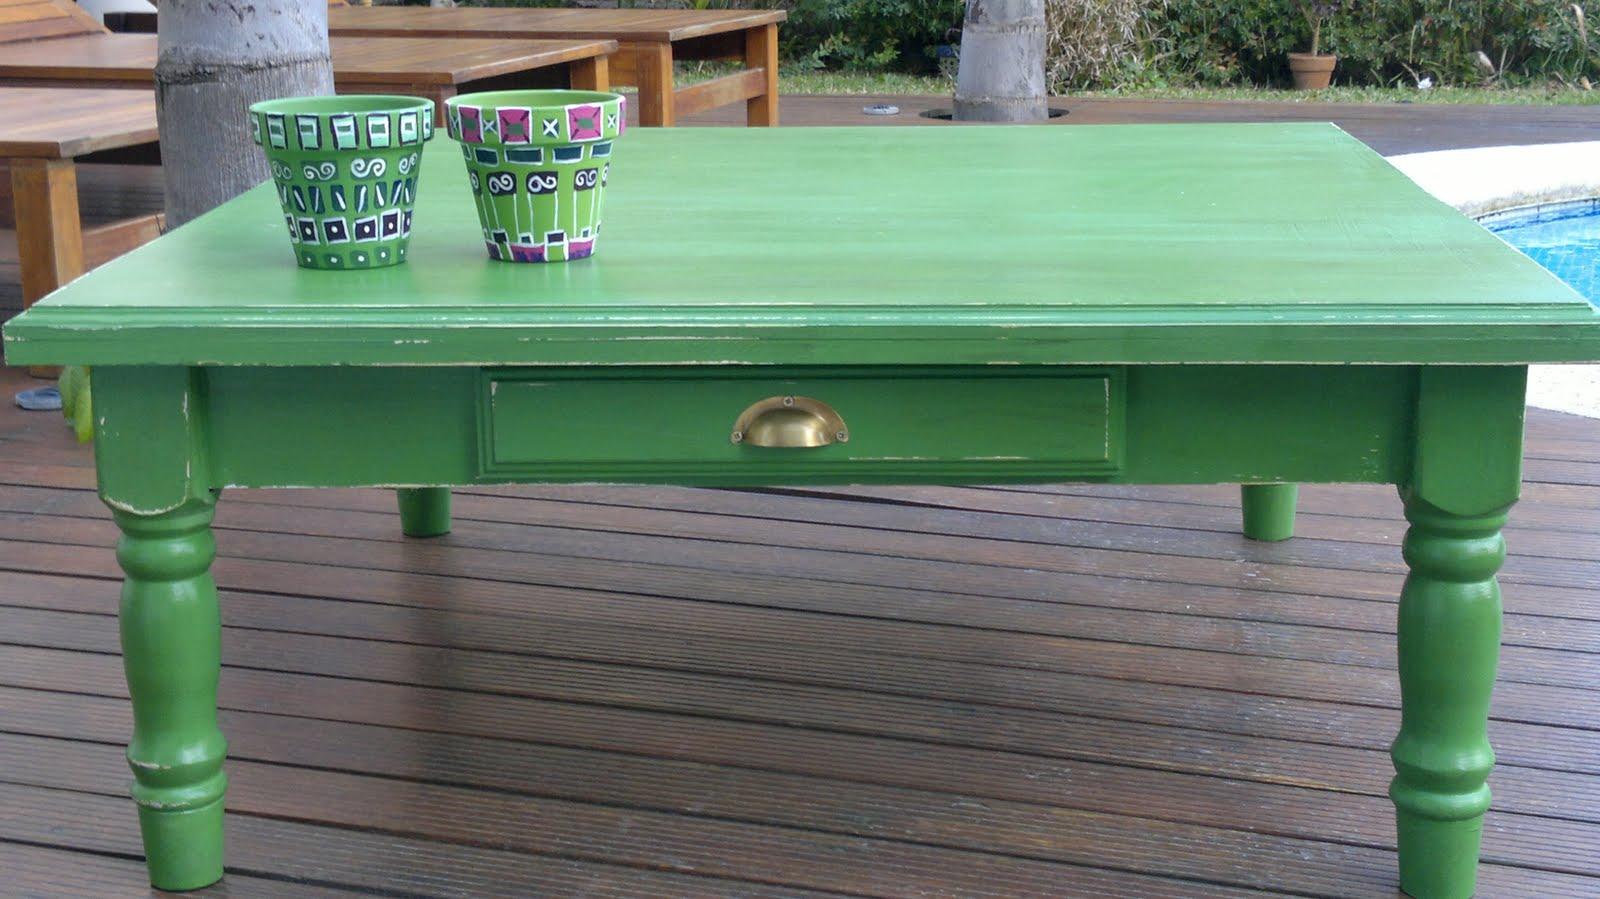 Vintouch muebles reciclados pintados a mano mesa for Campo semantico de muebles